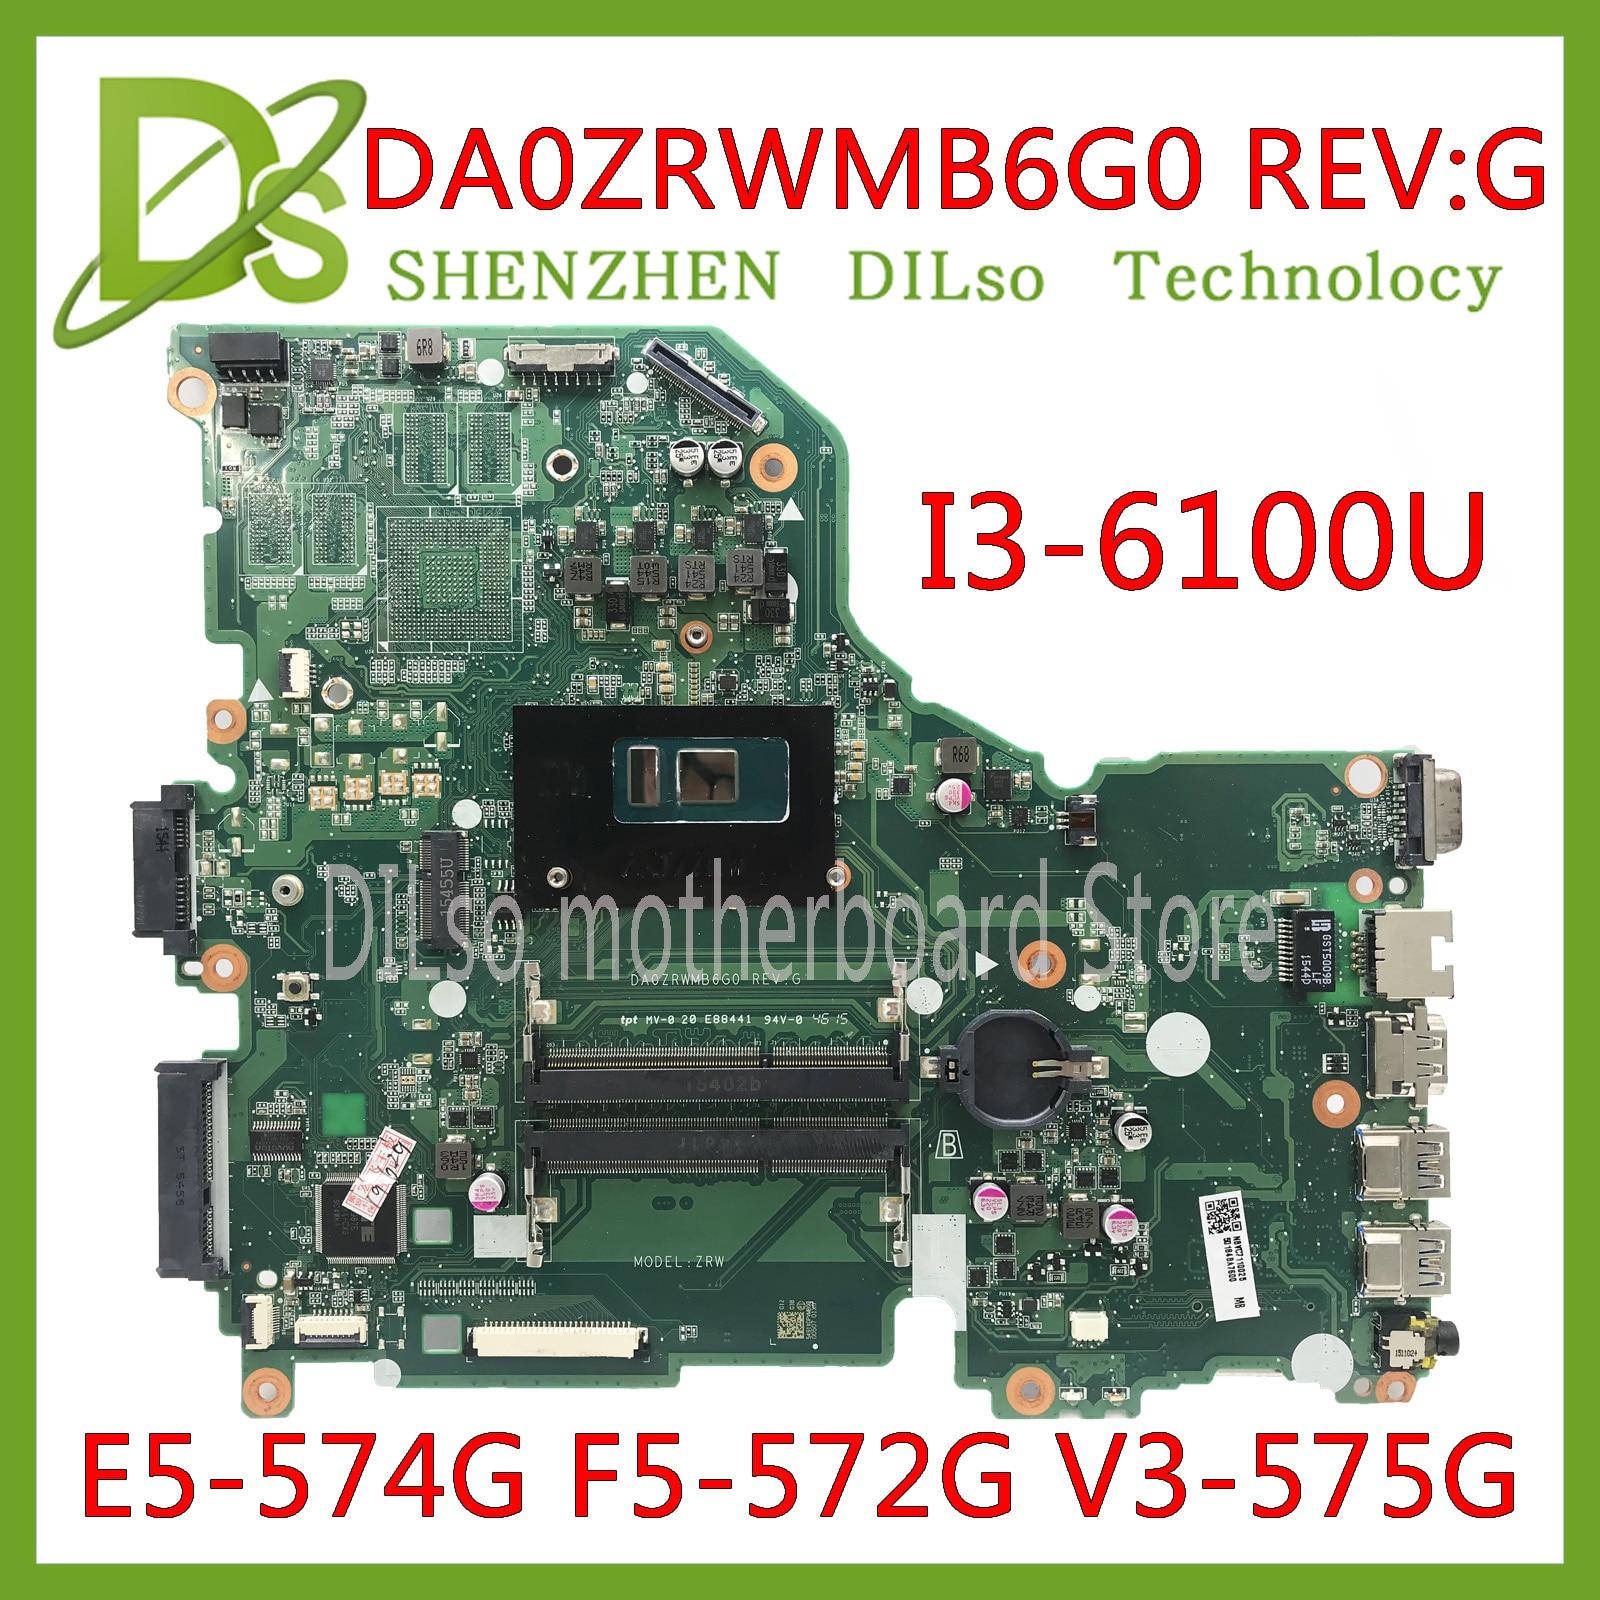 KEFU E5-574G V3-575G Motherboard mainboard Para Acer Aspire E5-574 E5-574G F5-572 V3-575 I3-6100U CPU DA0ZRWMB6G0 Teste original